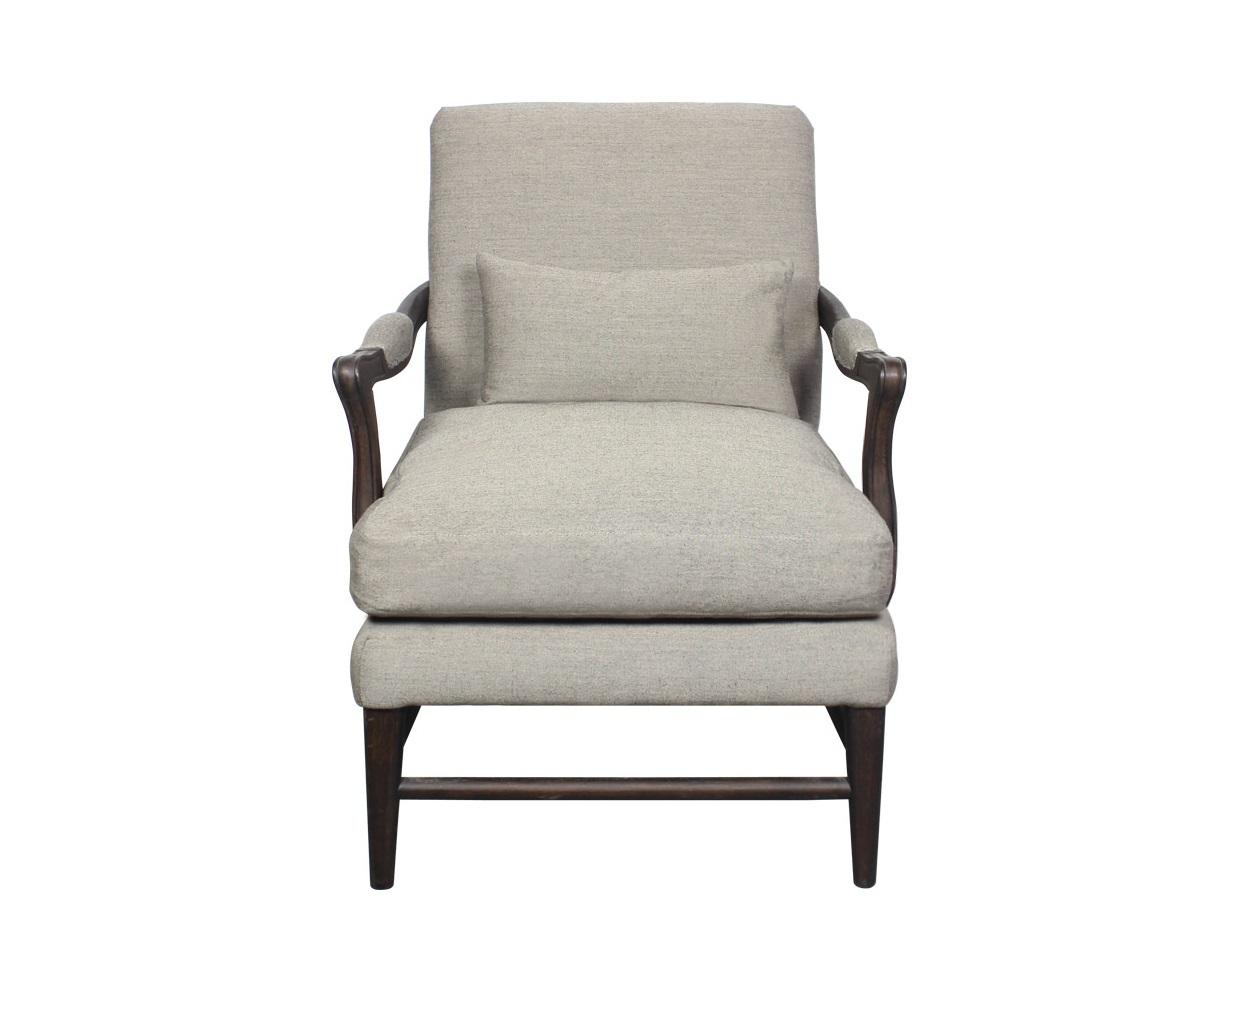 Кресло PalmerИнтерьерные кресла<br><br><br>Material: Текстиль<br>Ширина см: 78<br>Высота см: 74<br>Глубина см: 70